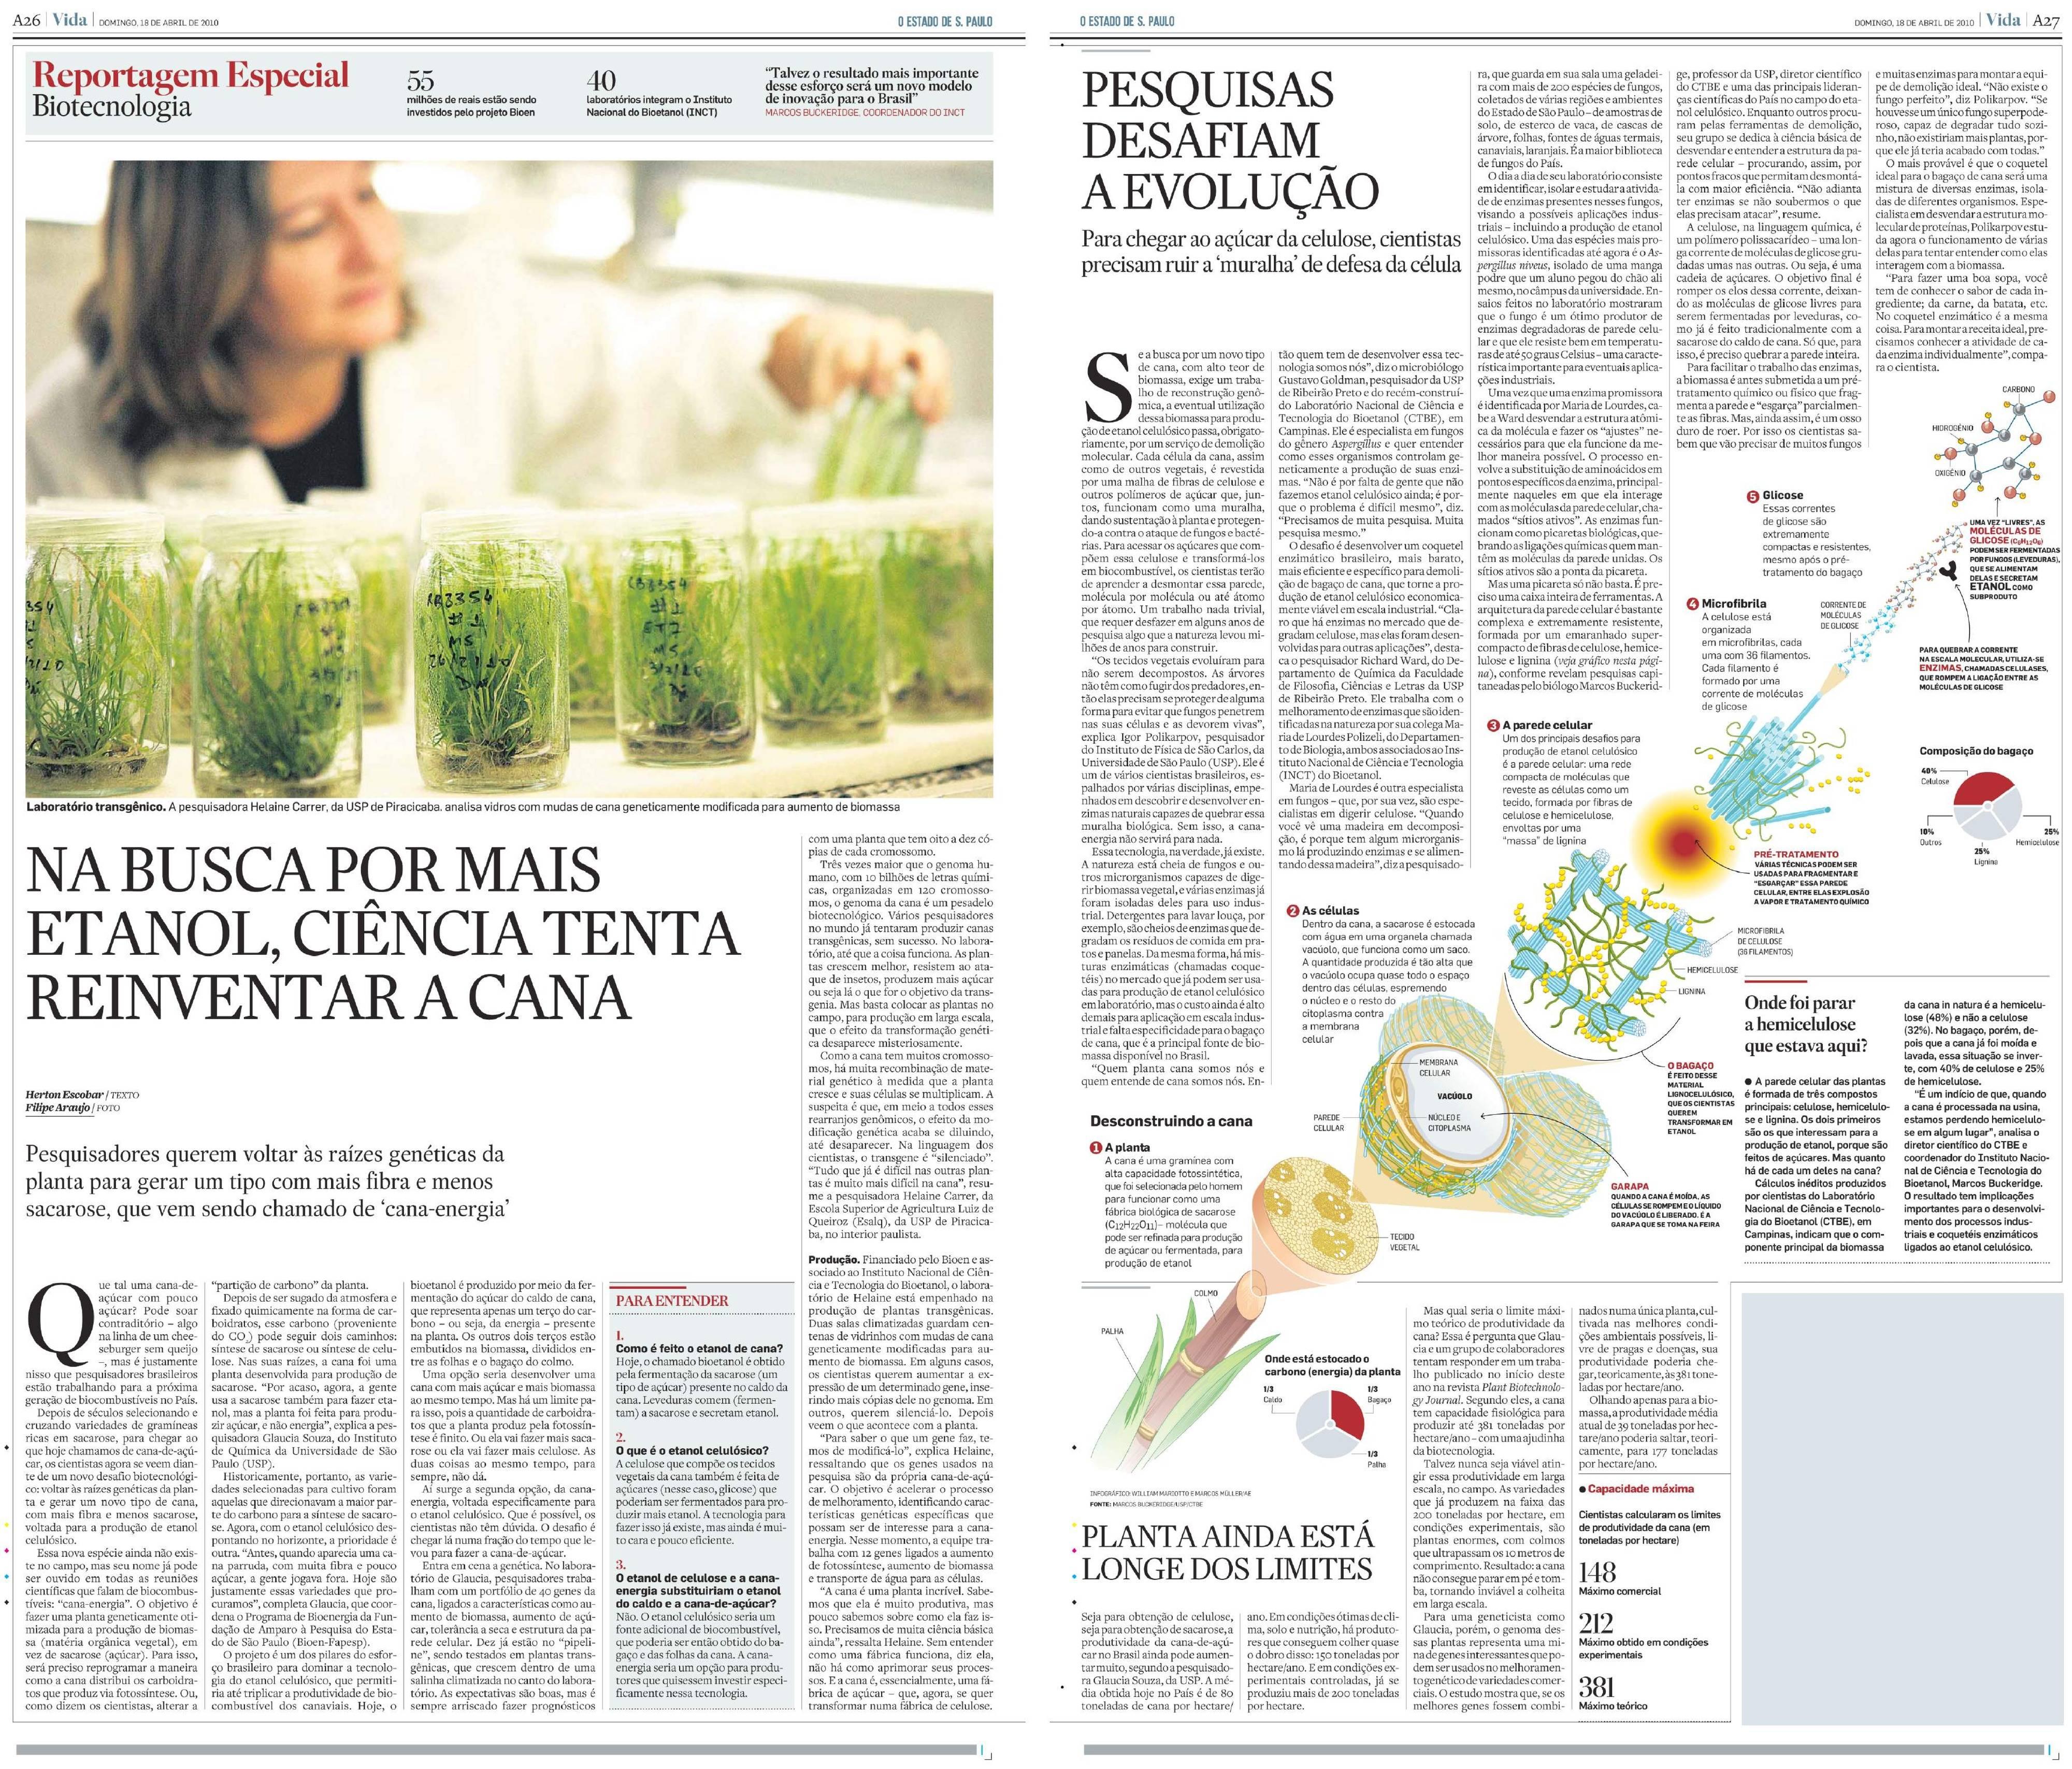 Na busca por mais etanol, ciência tenta reinventar a cana